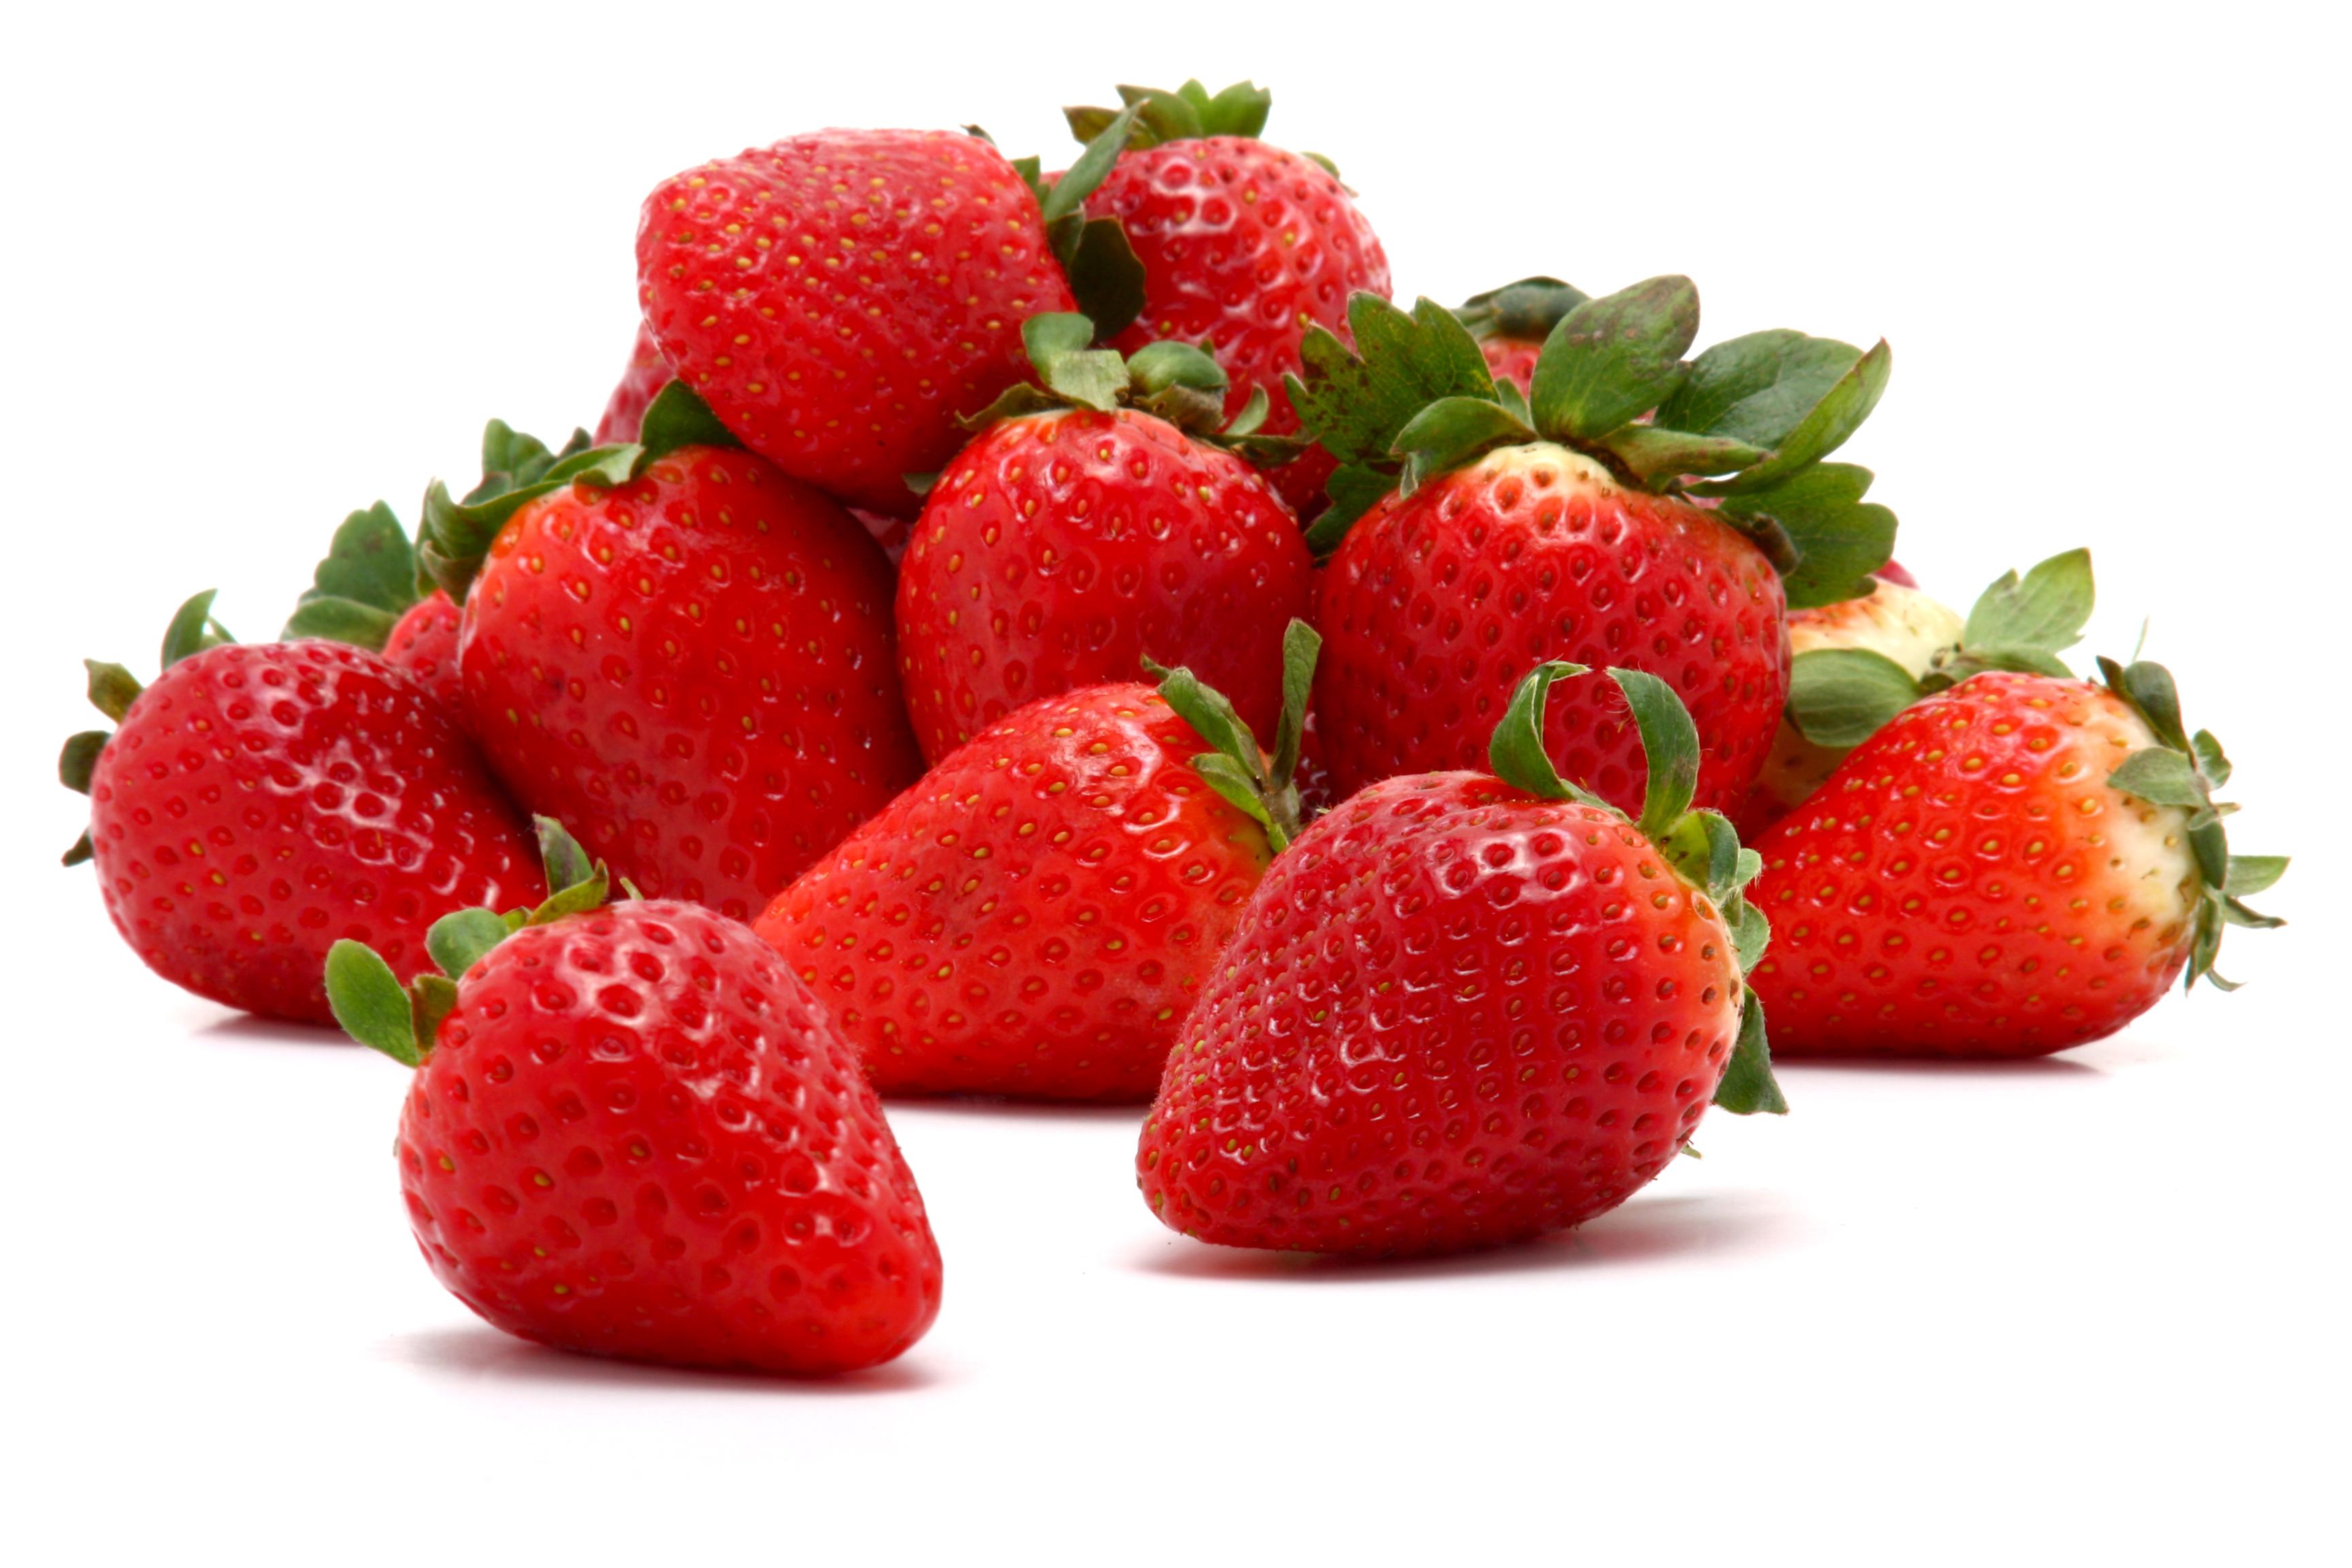 Berries & Grapes image